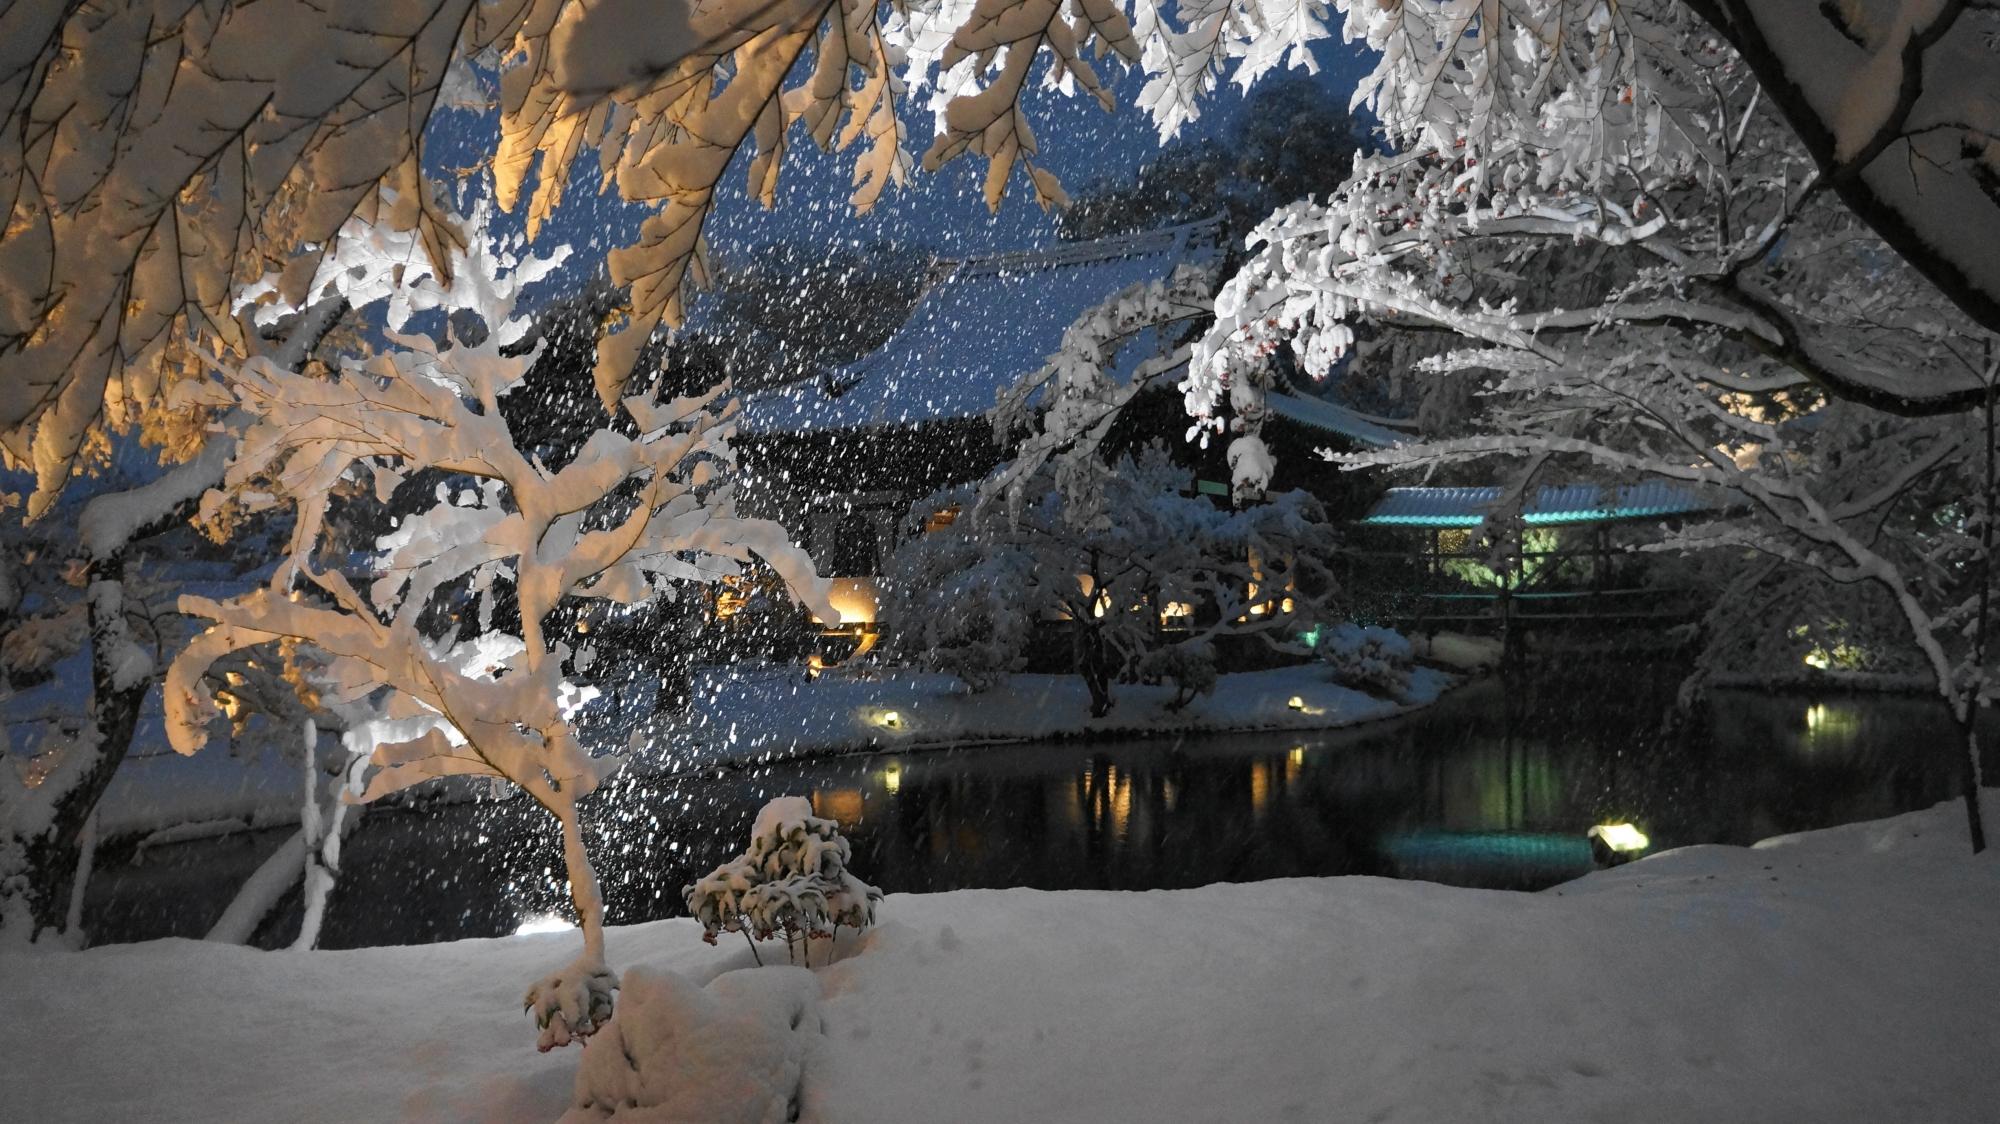 高台寺の臥龍池の雪景色